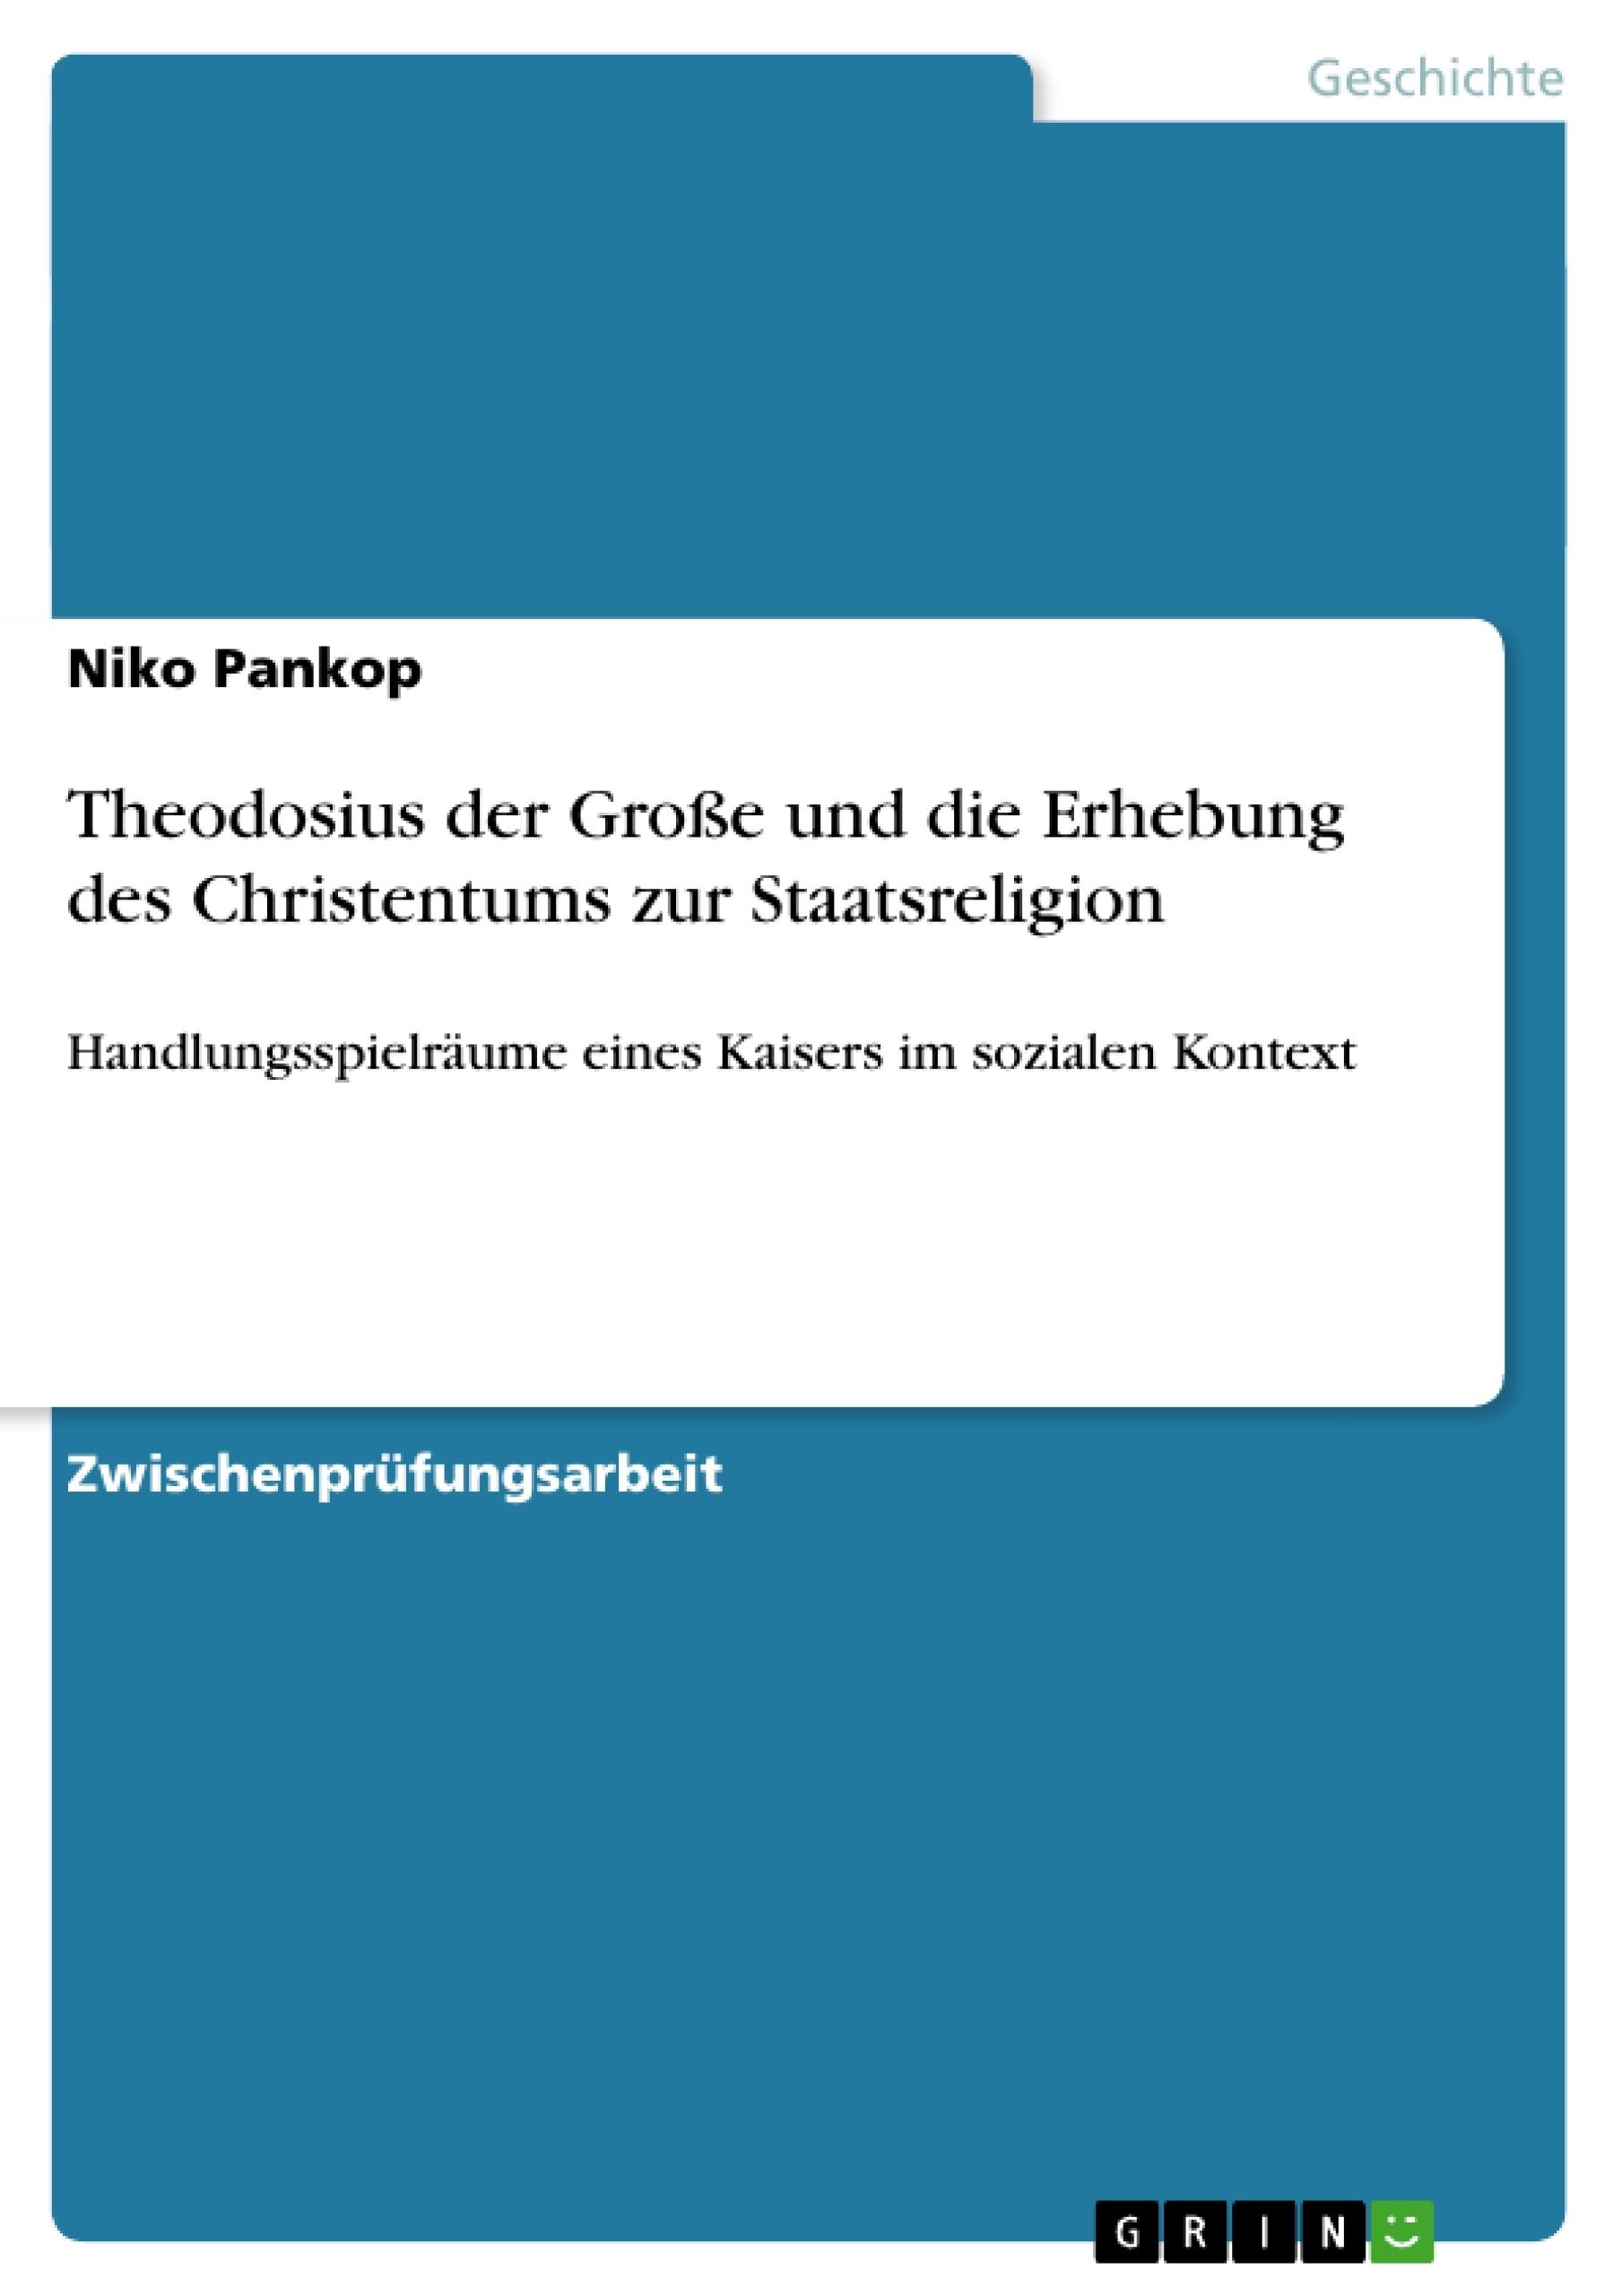 Titel: Theodosius der Große und die Erhebung des Christentums zur Staatsreligion